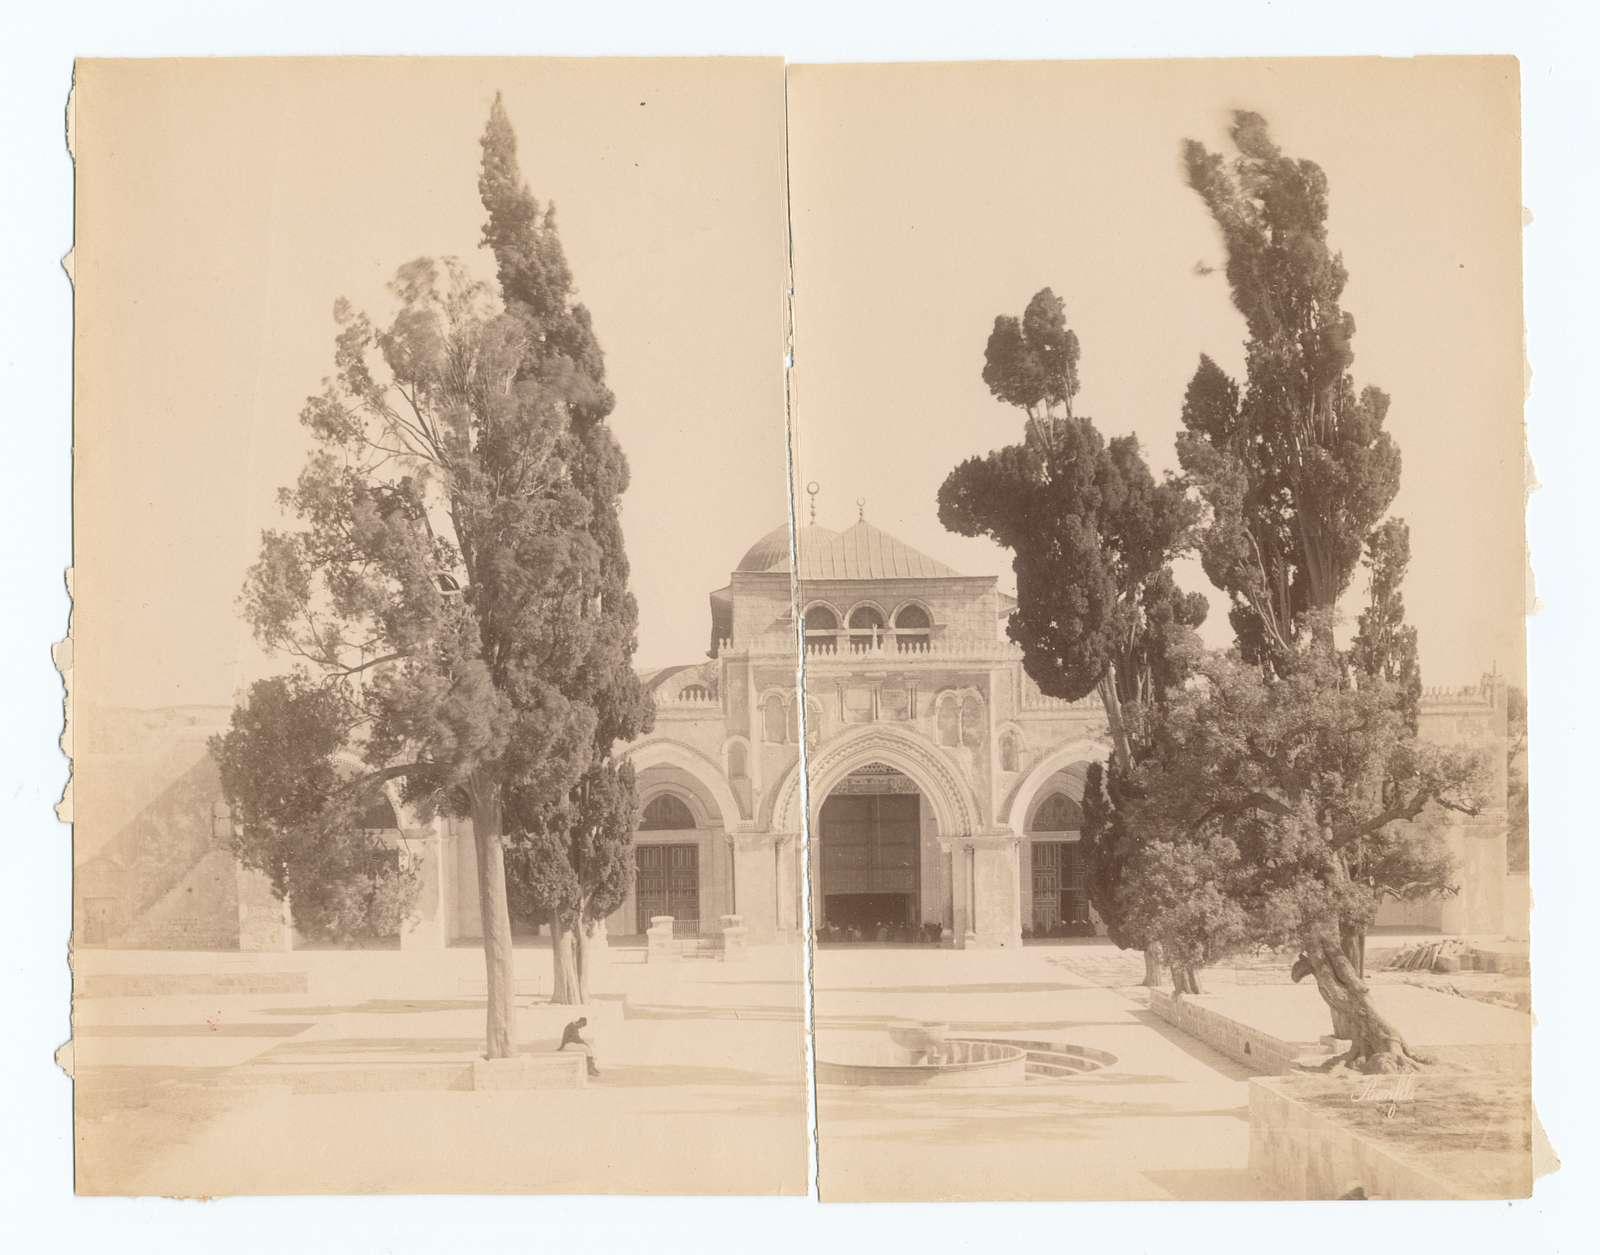 [The Aqsa Mosque,] Jerusalem.